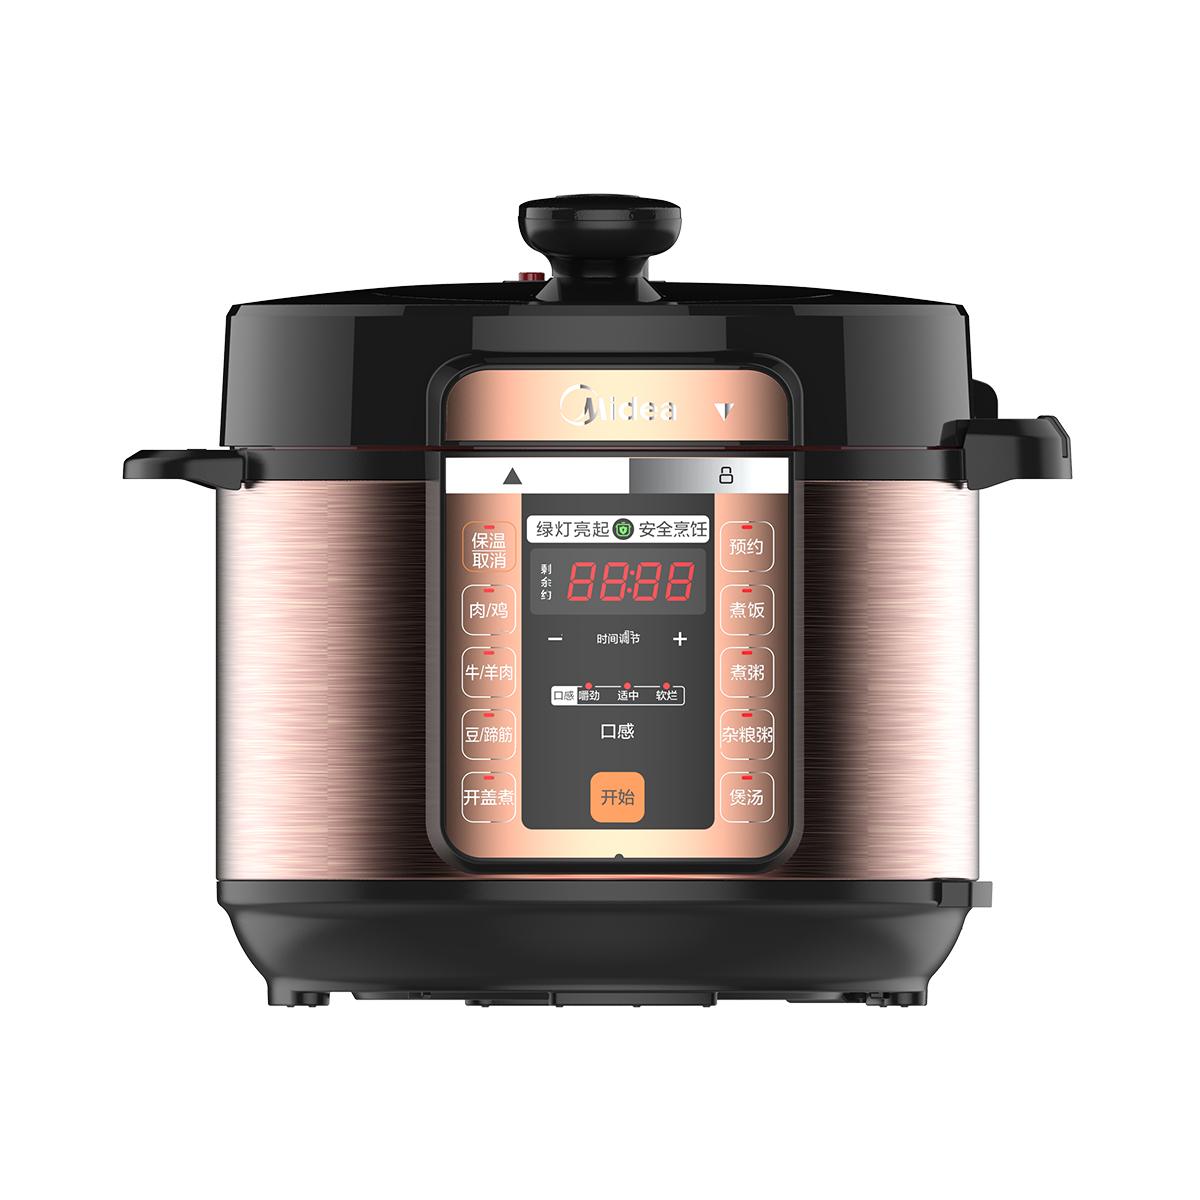 Midea/美的 MY-CS5018P电压力锅 说明书.pdf